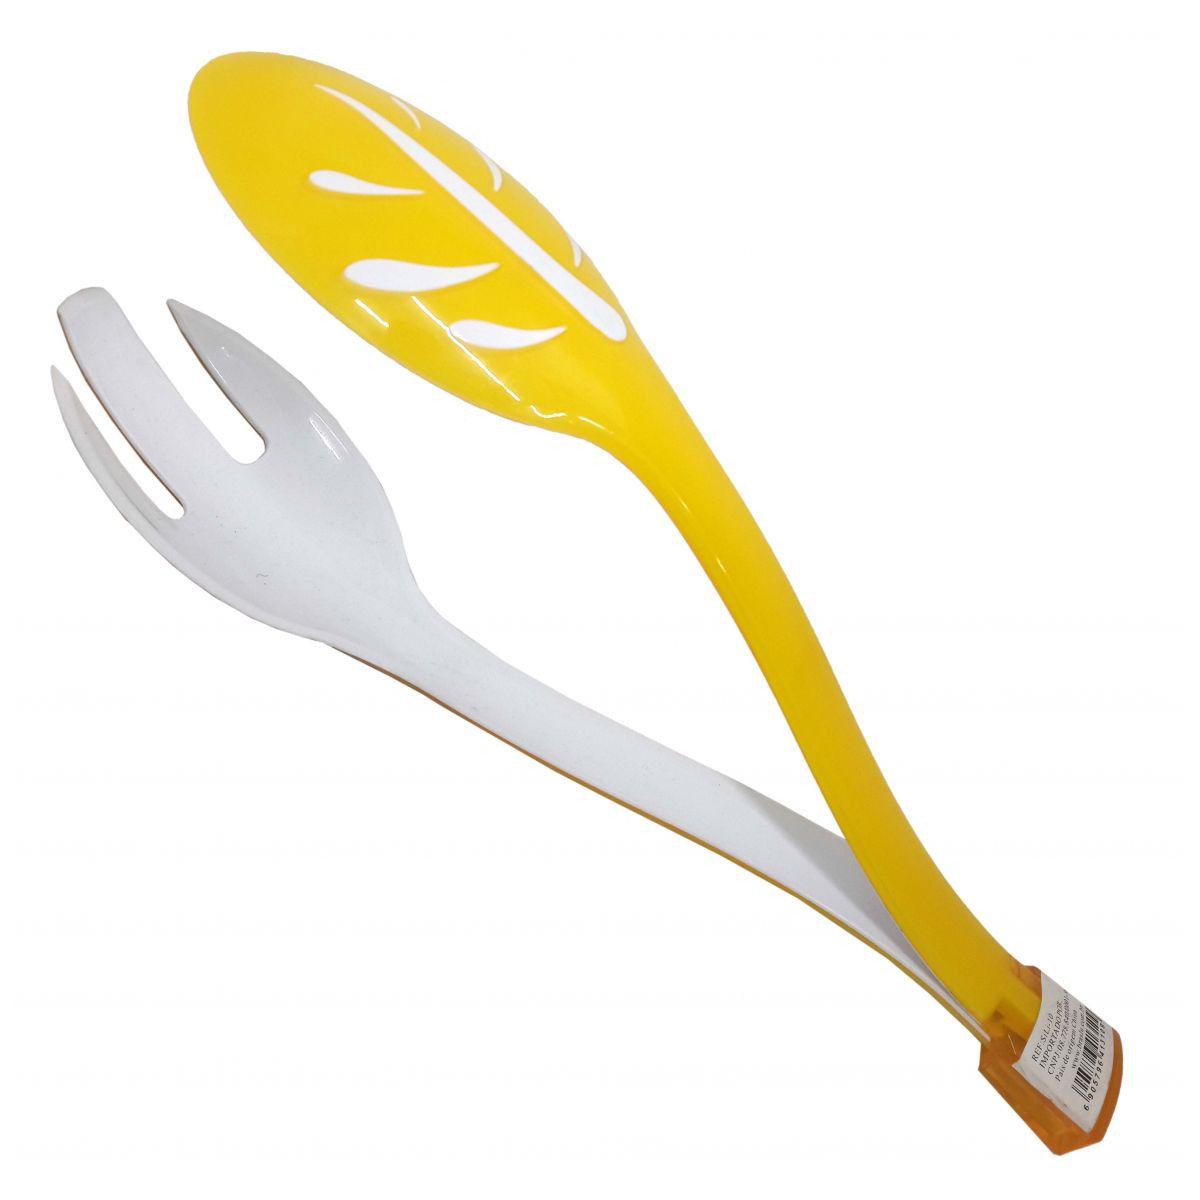 Pegador Universal Para Salada Alimentos Cozinha Plastico Garfo Colher Amarelo (sili-10)